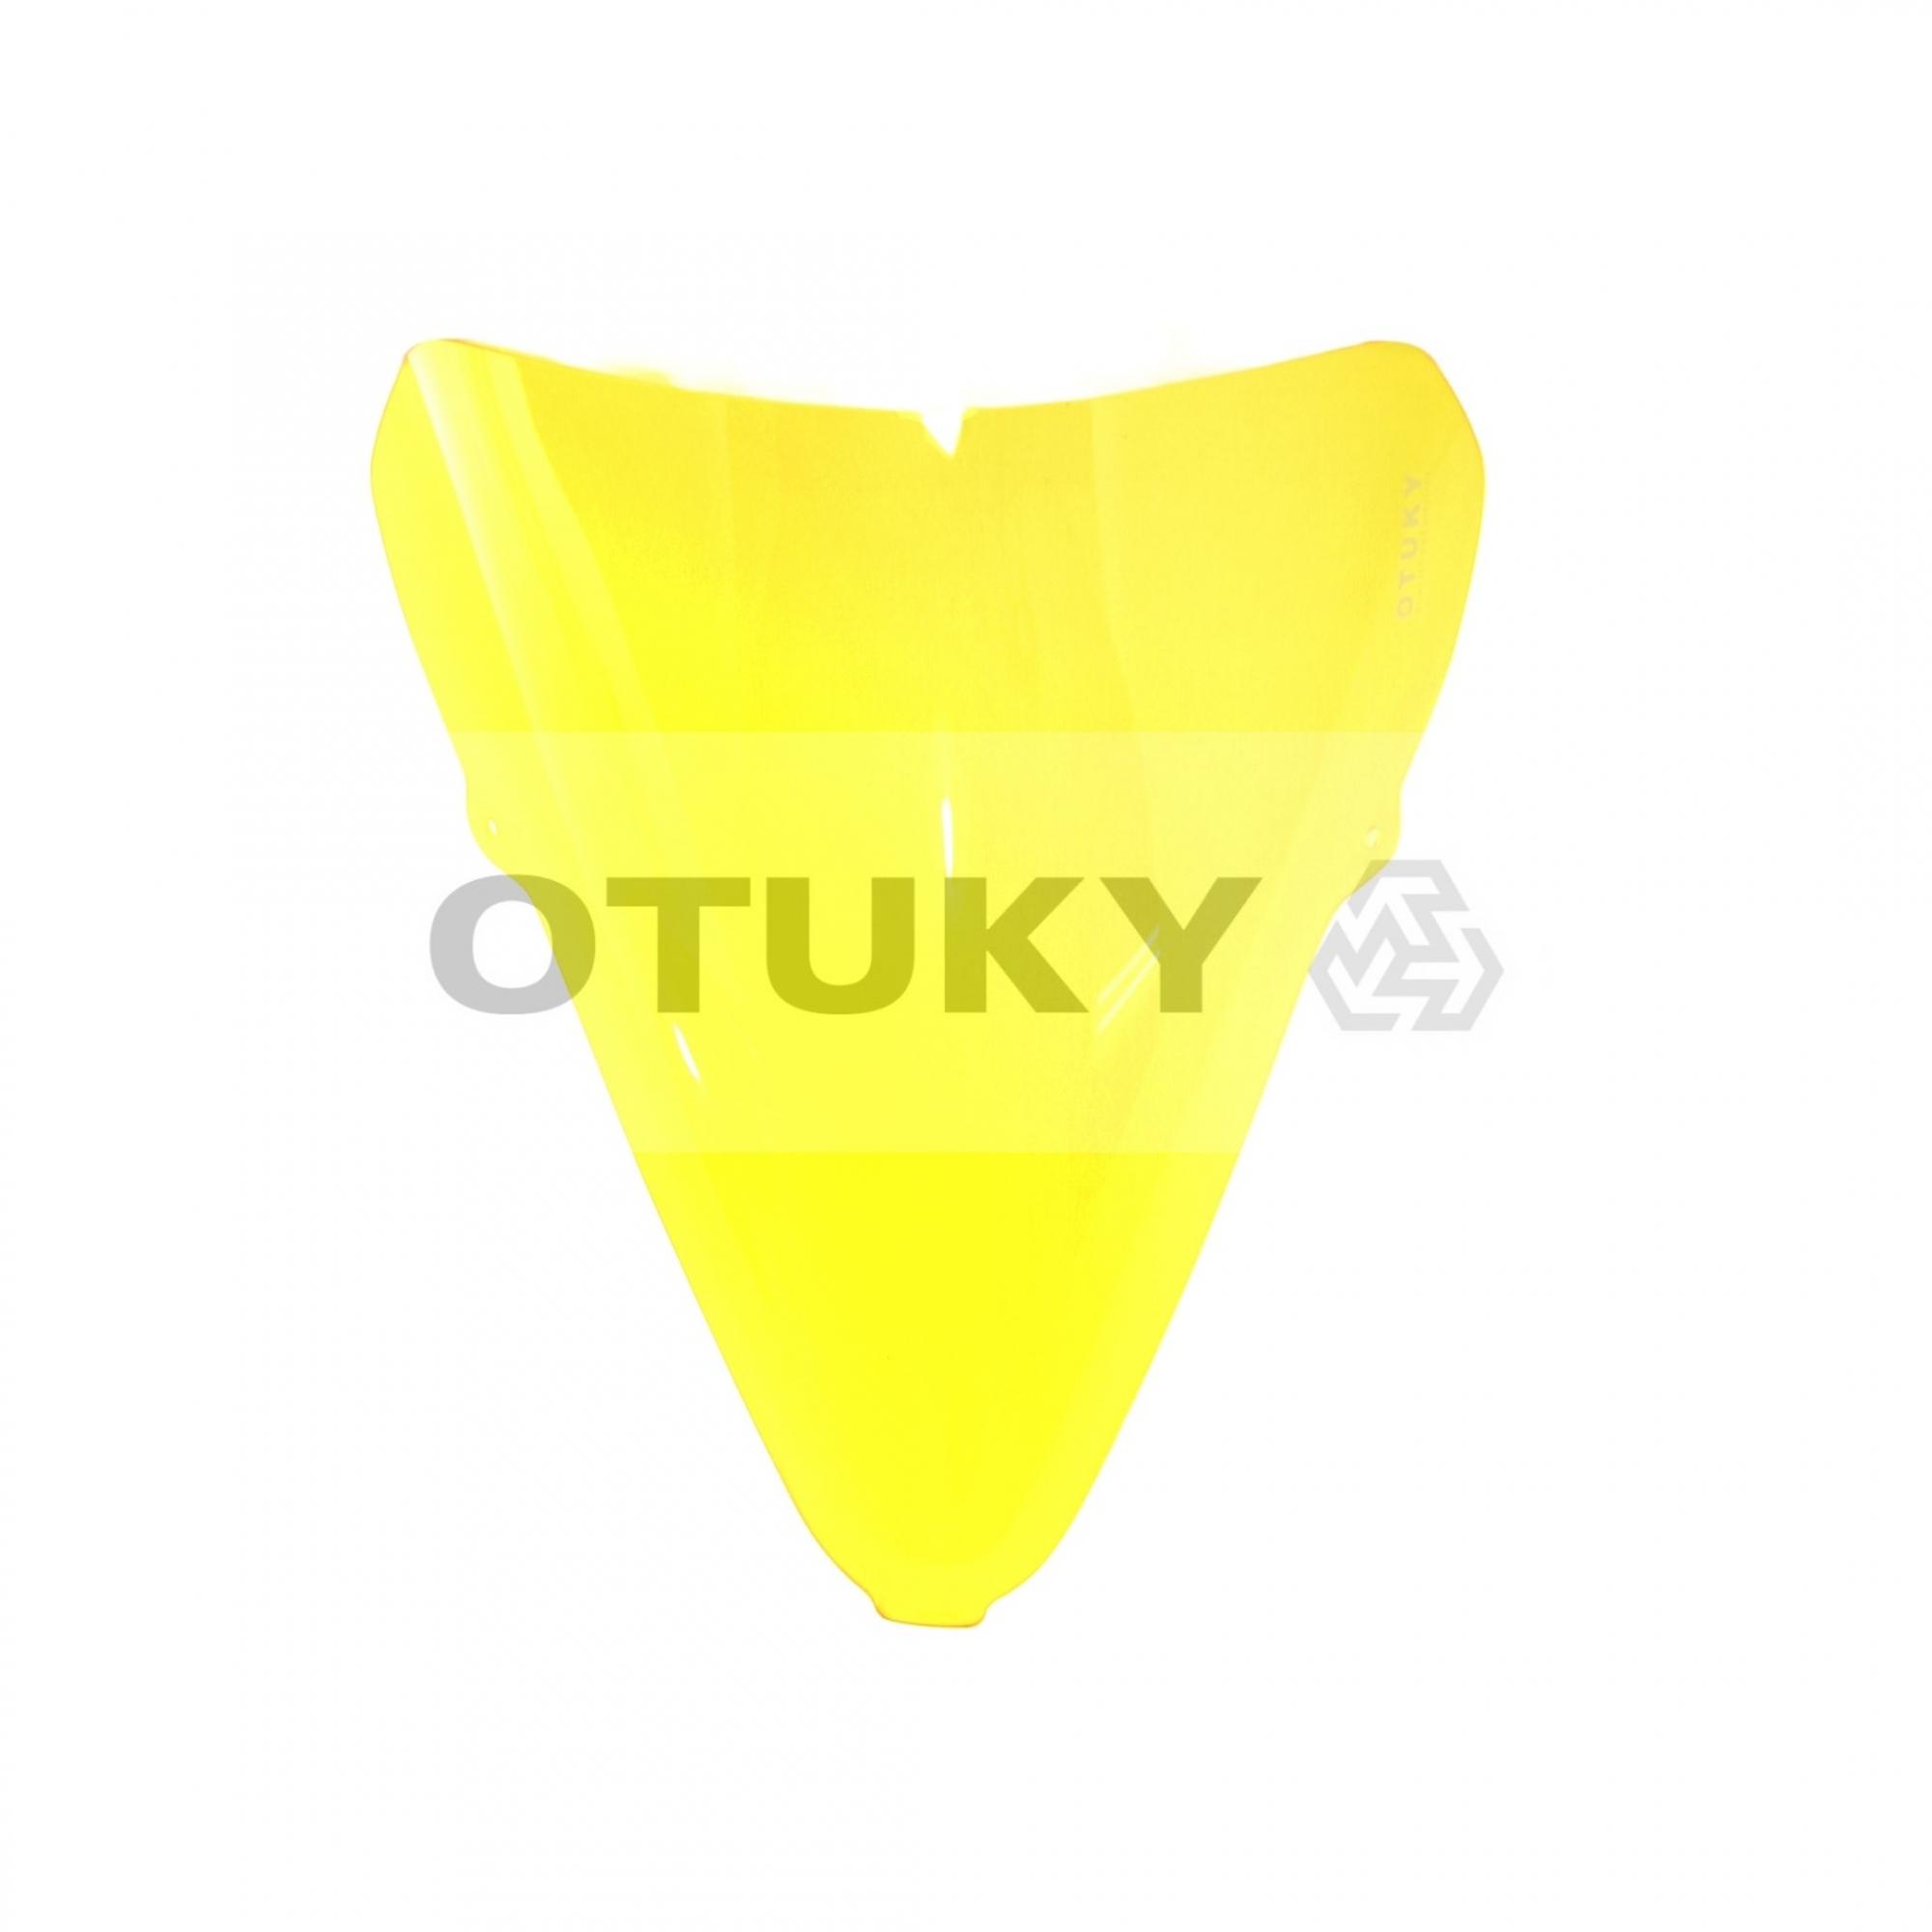 Bolha para Moto V-Strom DL 650 1000 2001 2002 2003 Otuky Padrão